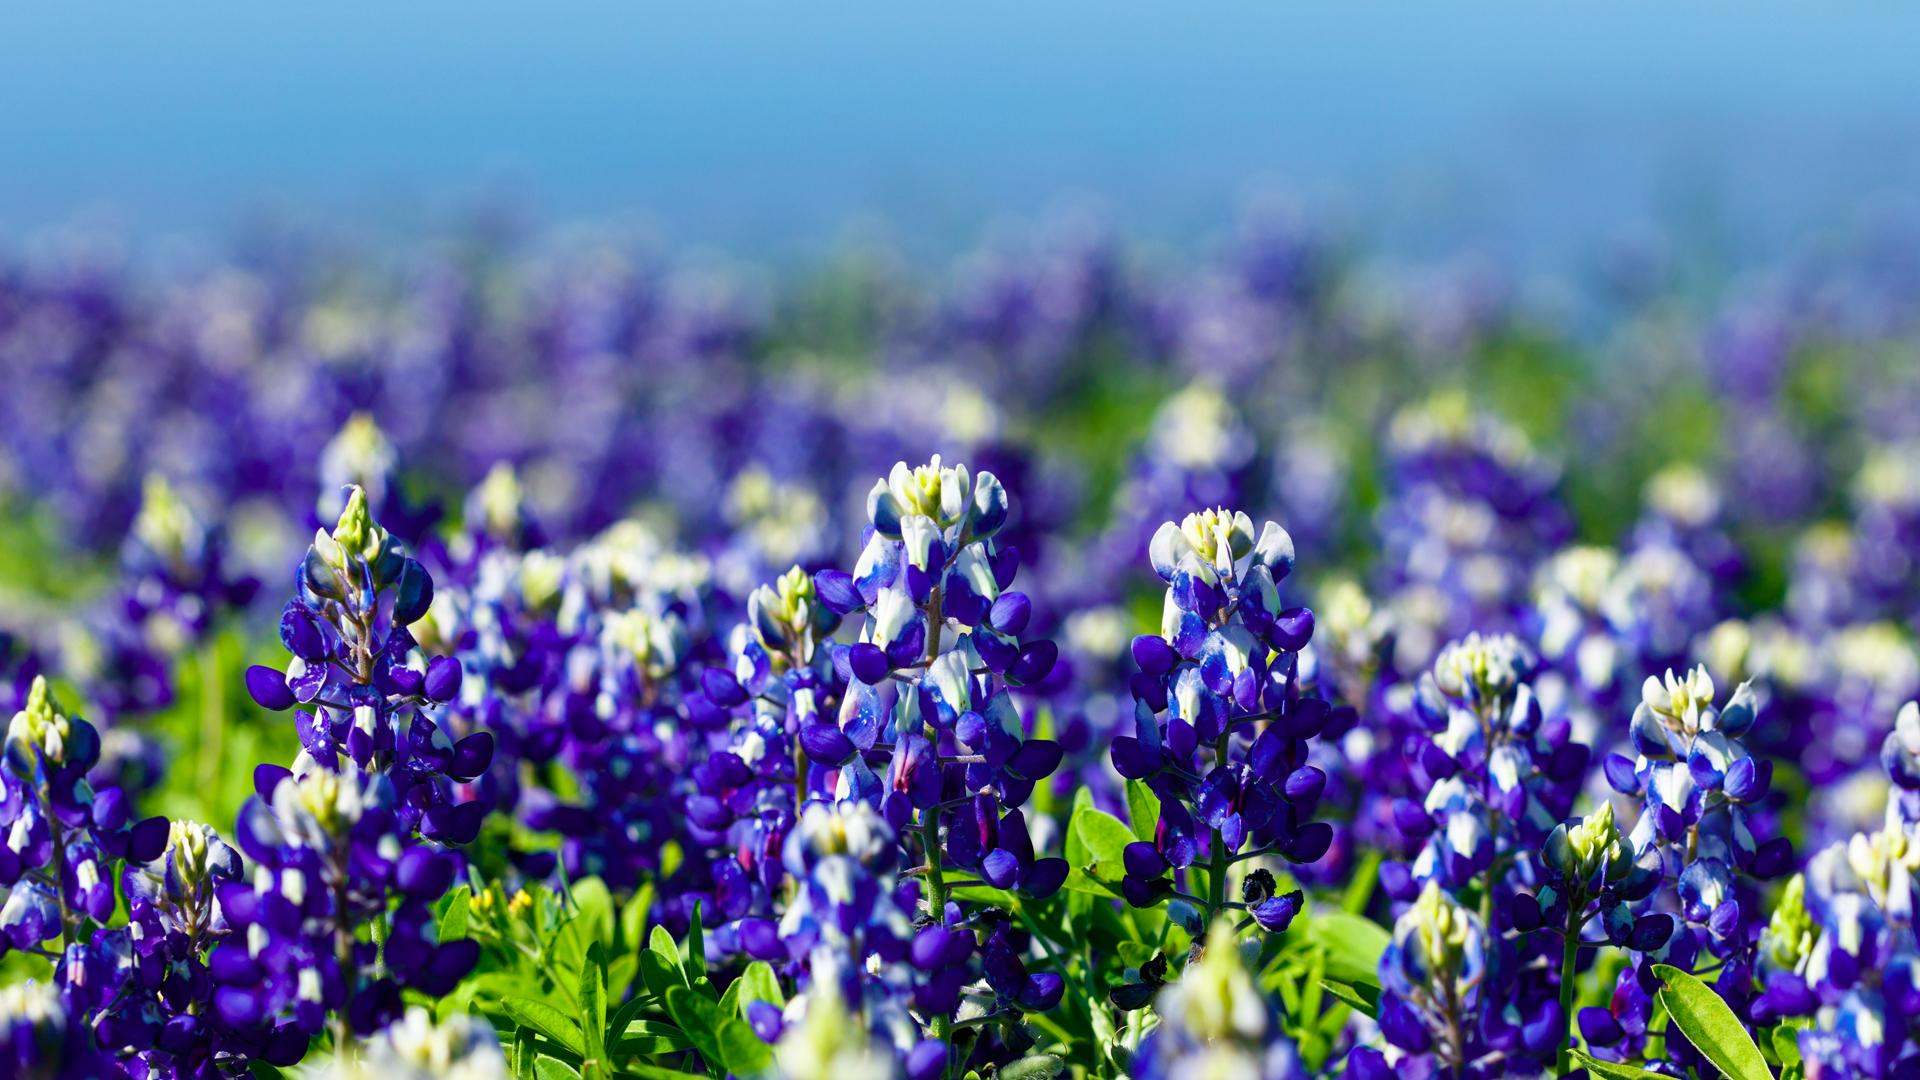 Texas Wildflowers: Bluebonnets